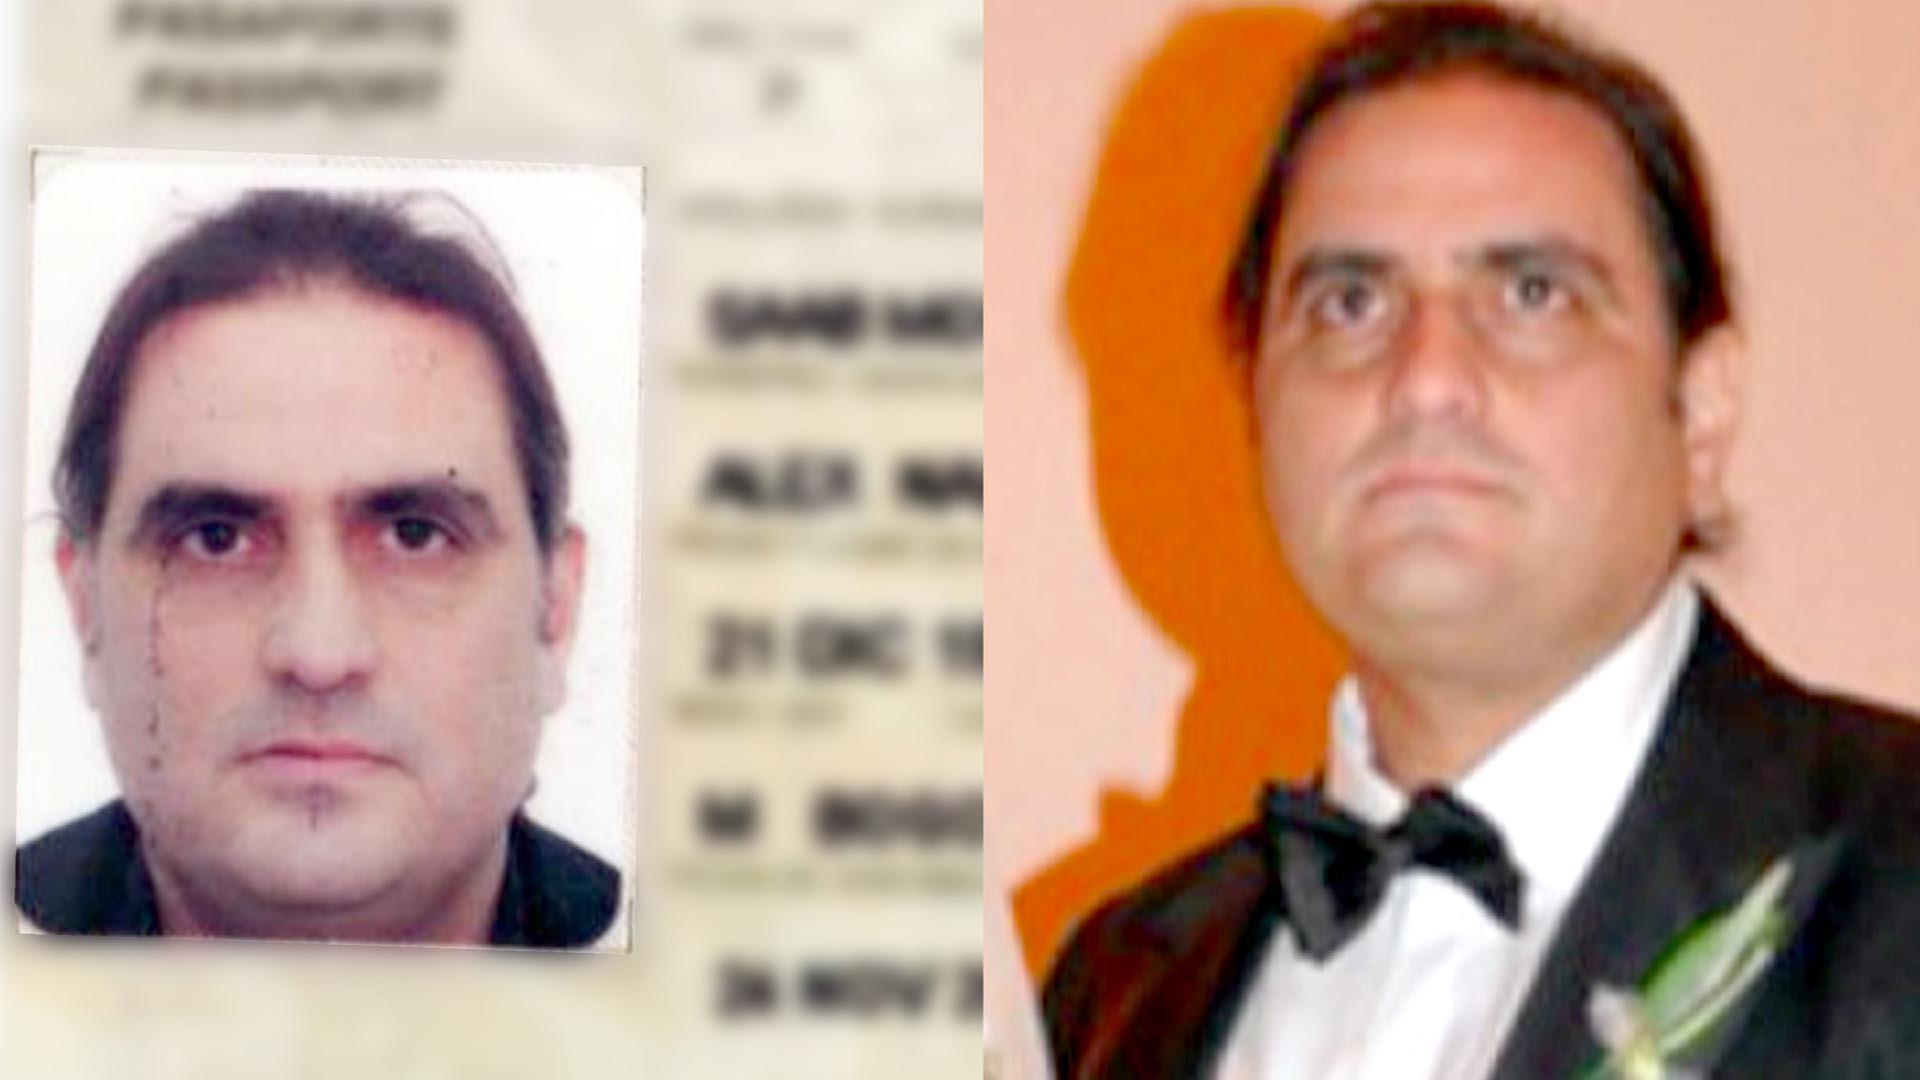 Tribunal de apelación de Cabo Verde autoriza la extradición de Alex Saab a EEUU